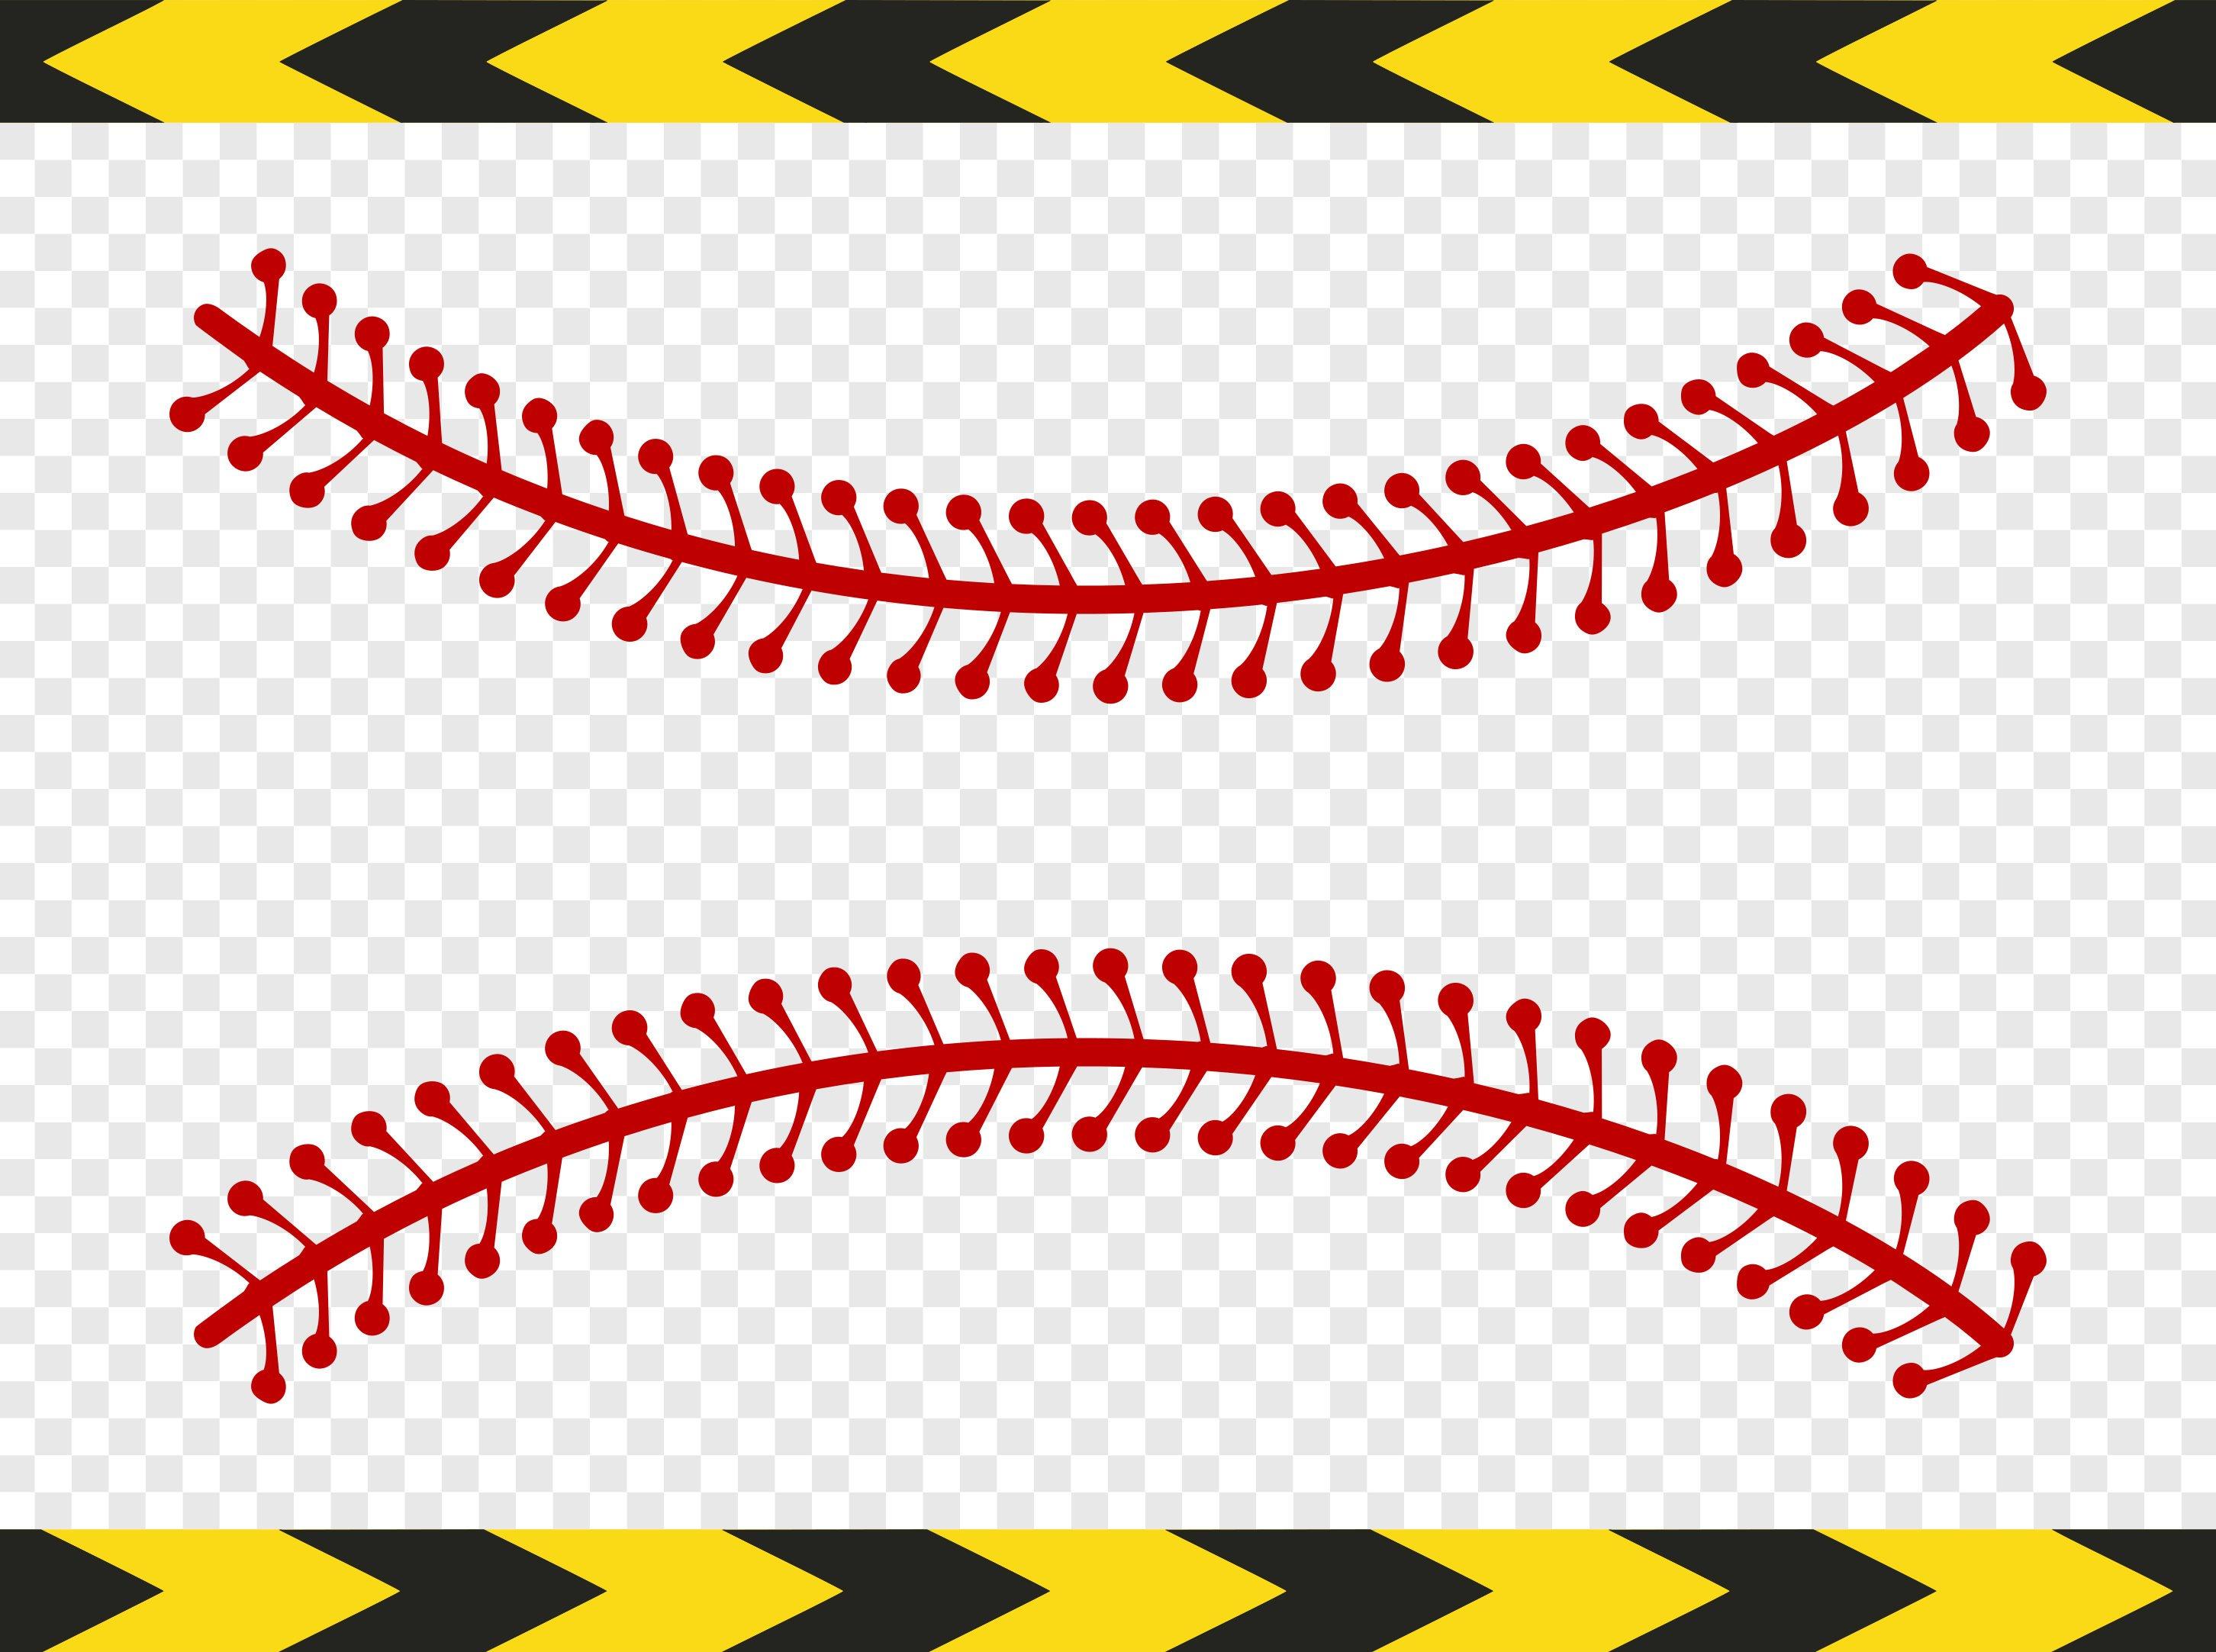 Baseball Laces Stitches Softball Svg Cli #210220.